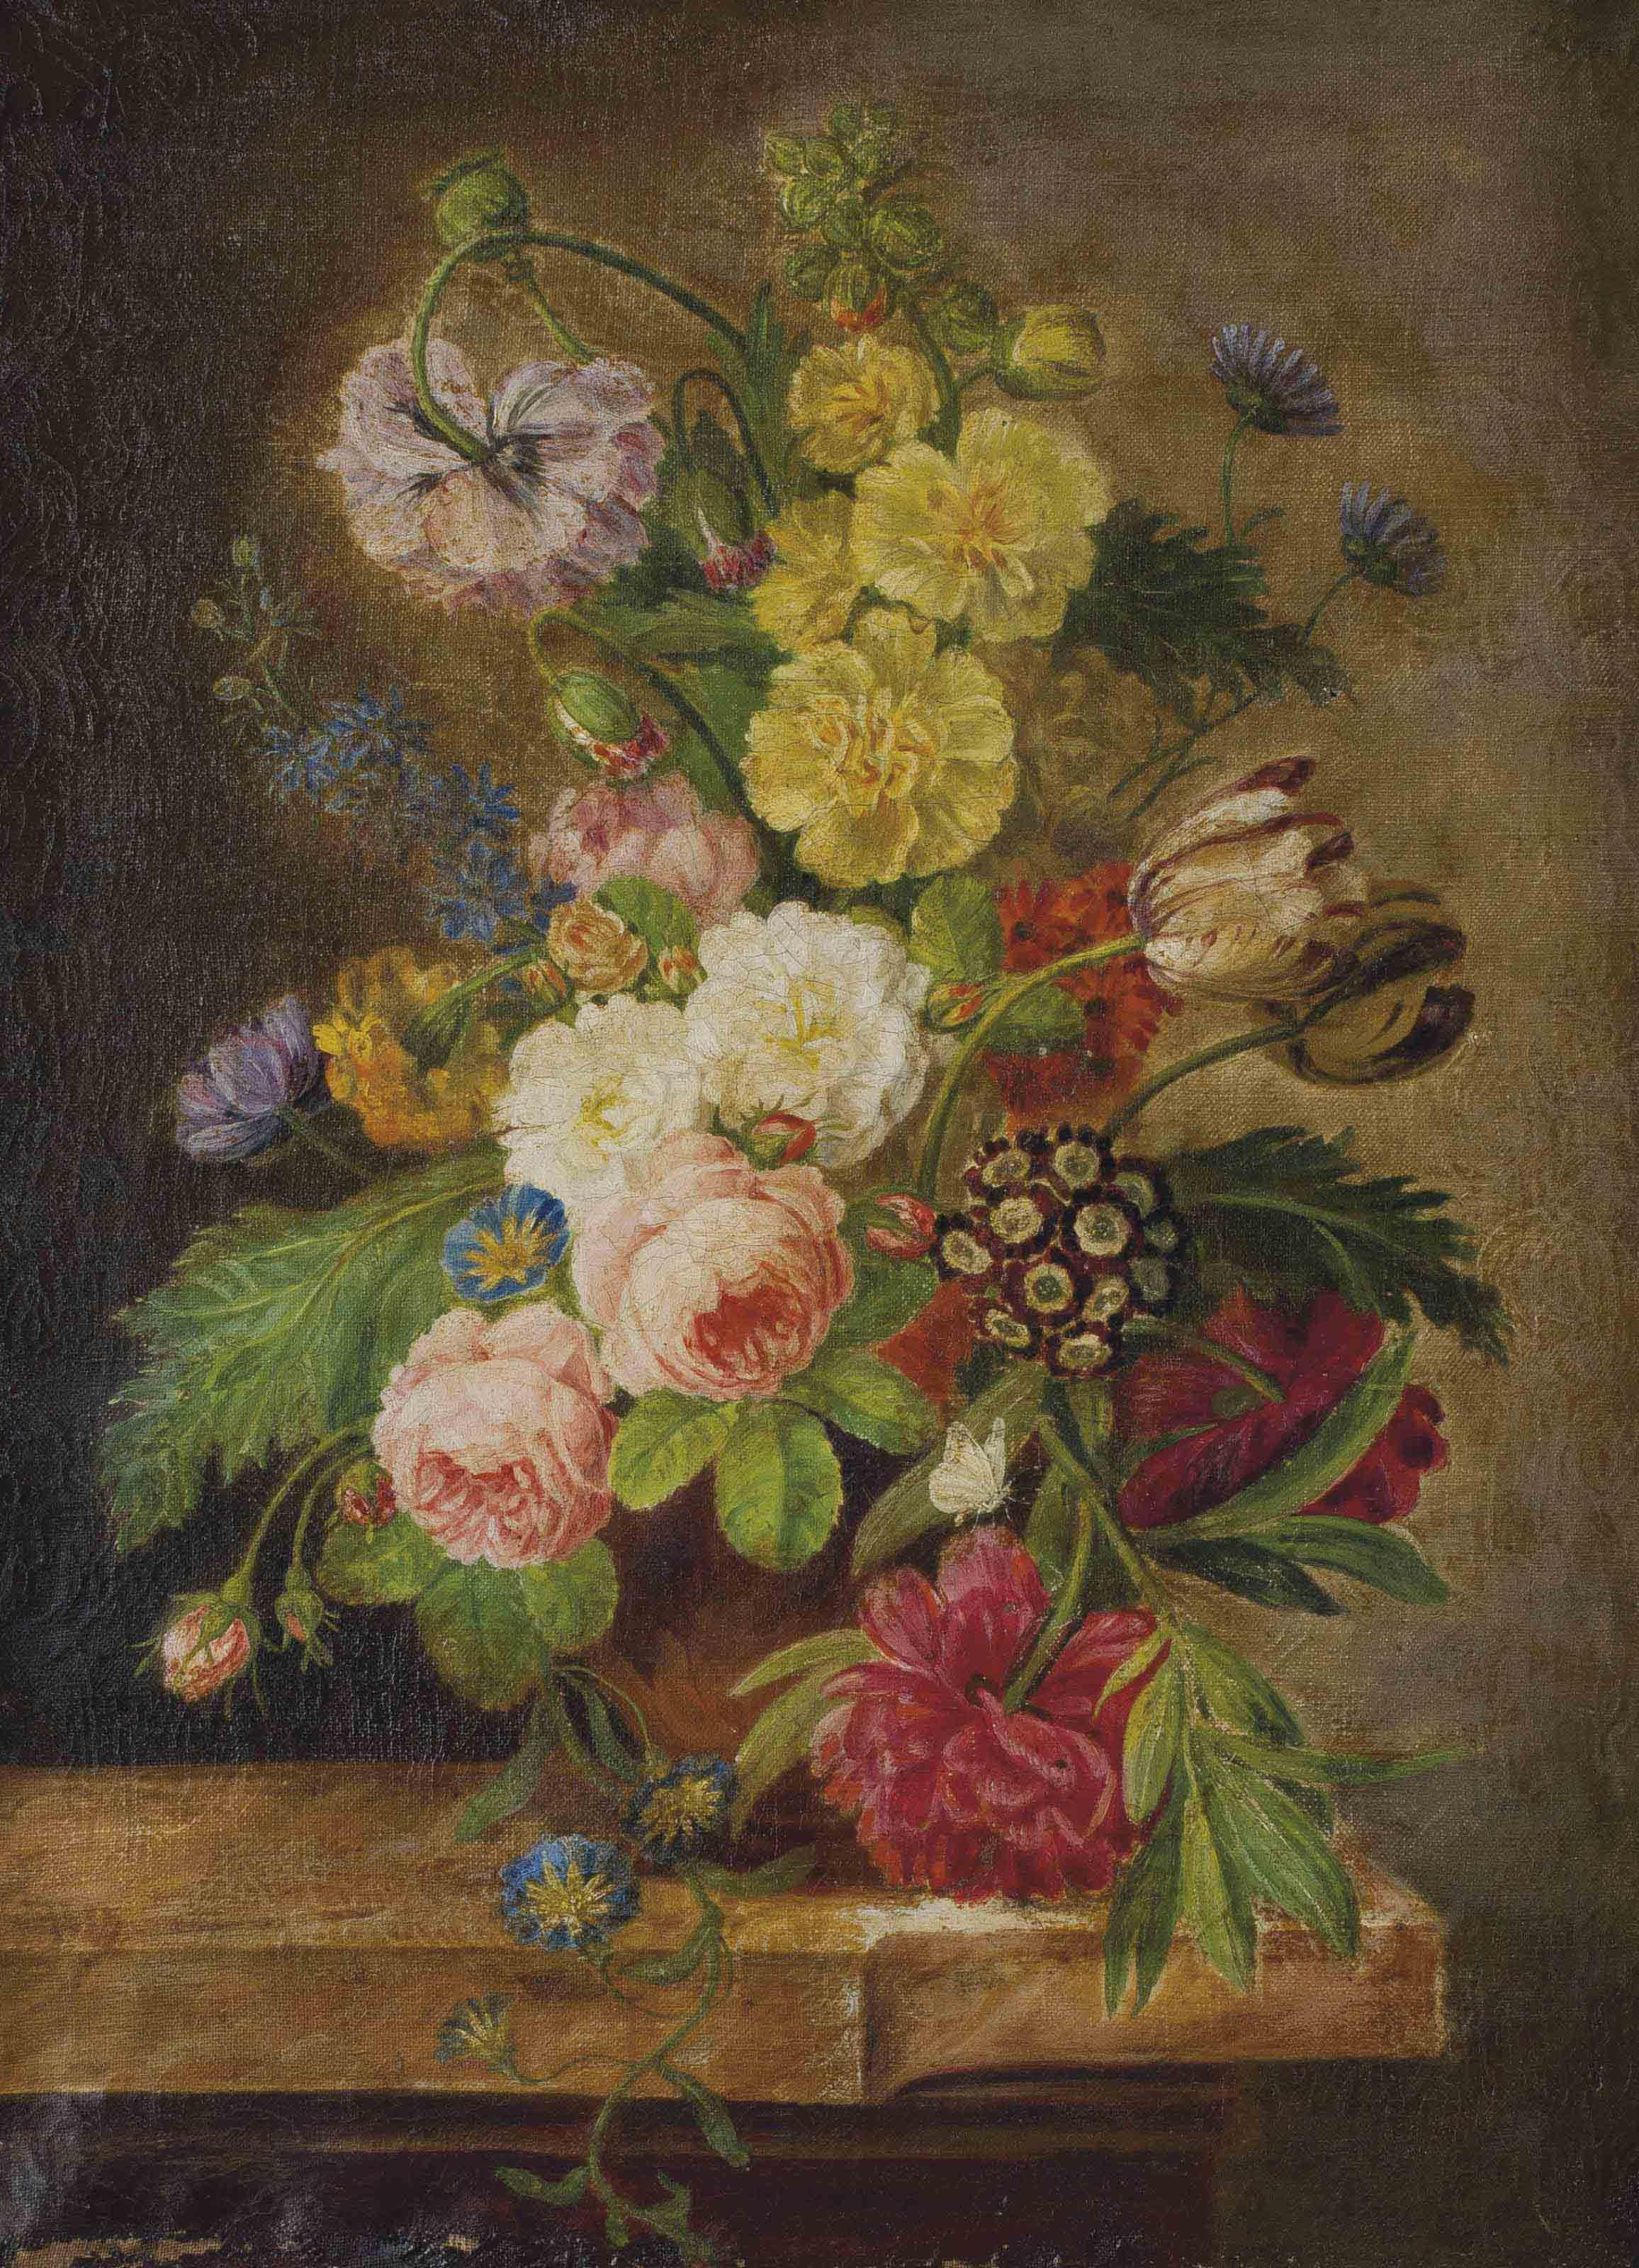 Vase avec pivoines, roses et tulipes, liserons et autres fleurs sur un entablement en marbre